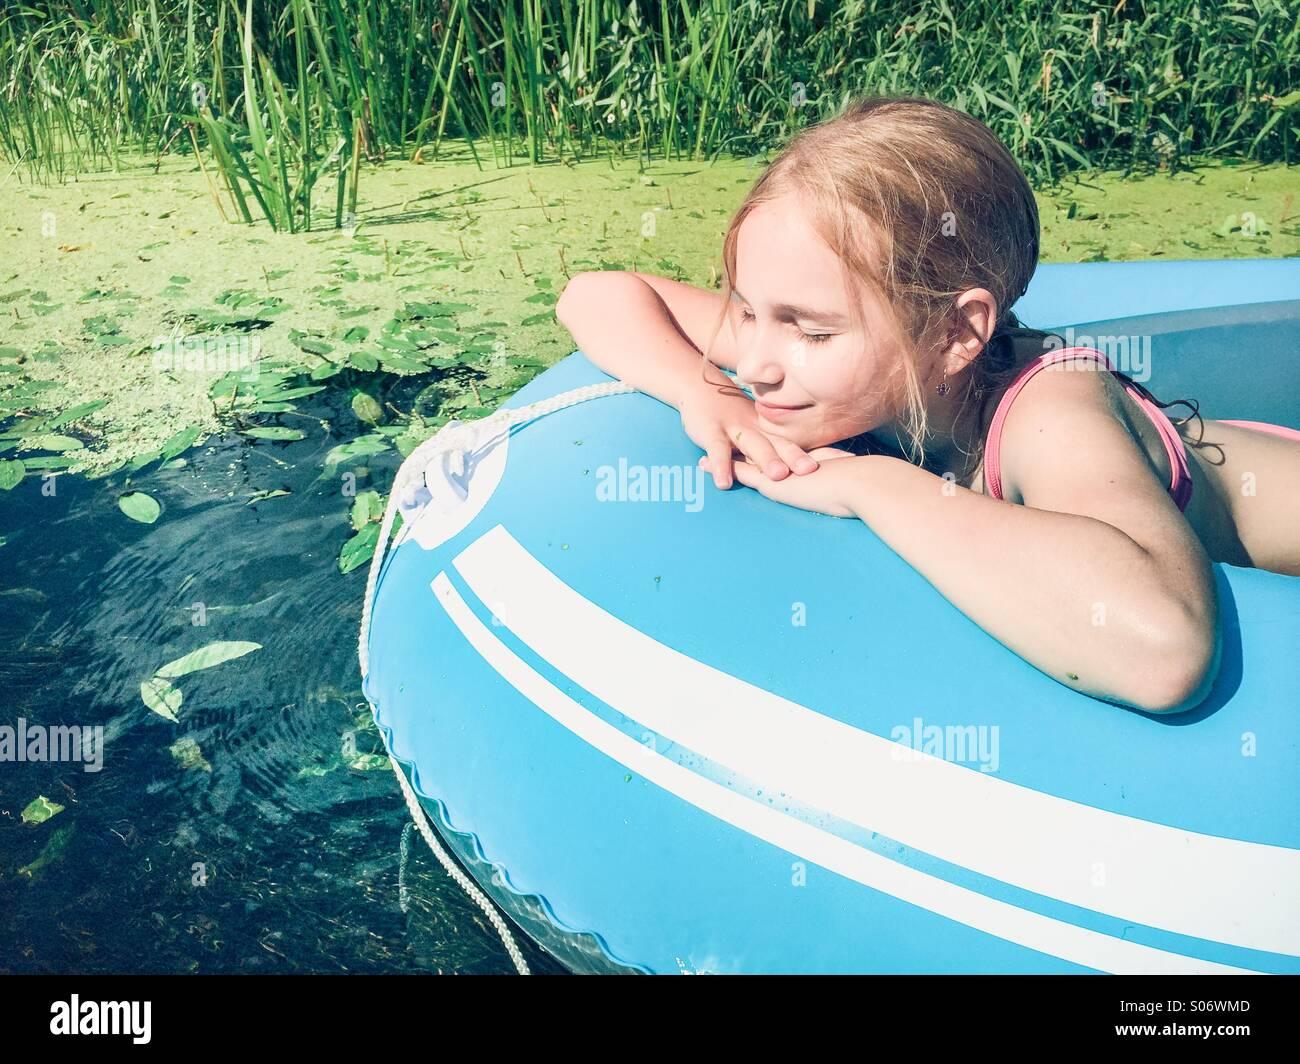 Kleines Mädchen sitzt in einem Floß auf einem Fluss mit üppigem Grün Stockbild